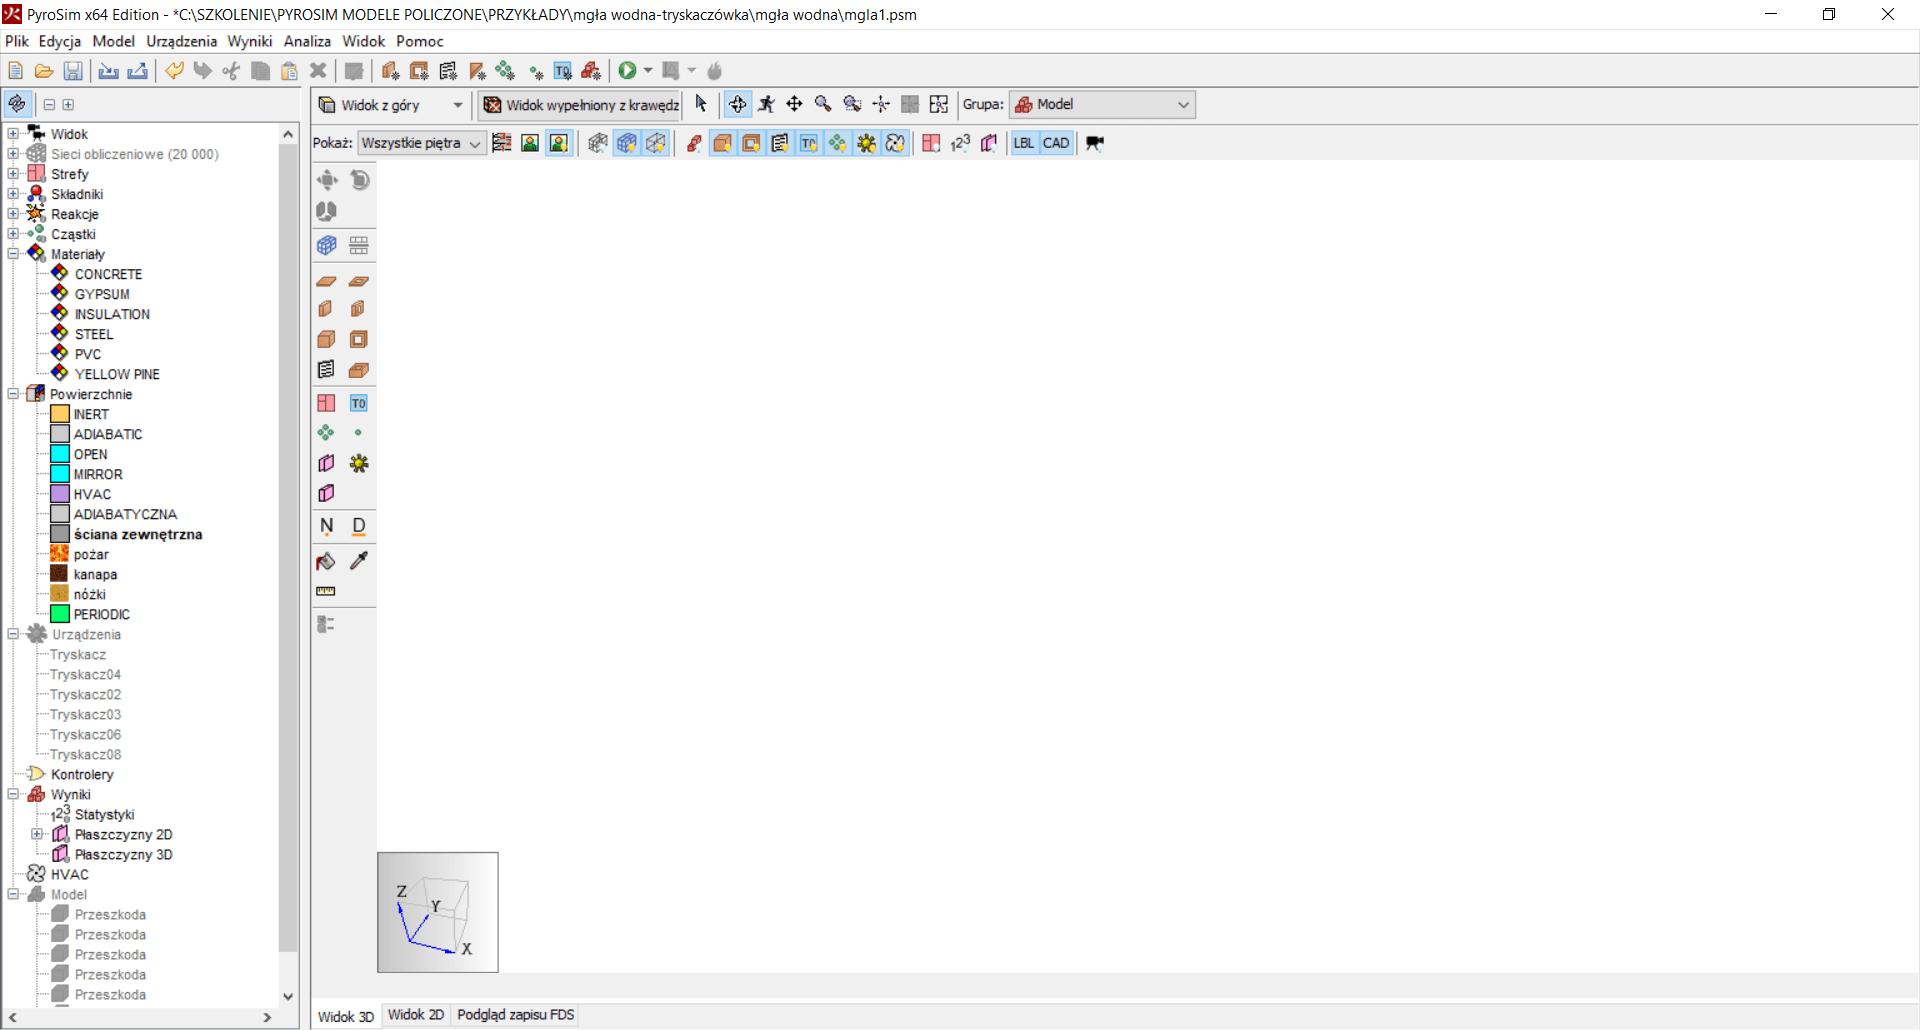 Okno nawigacji - Interfejs użytkownika FDS